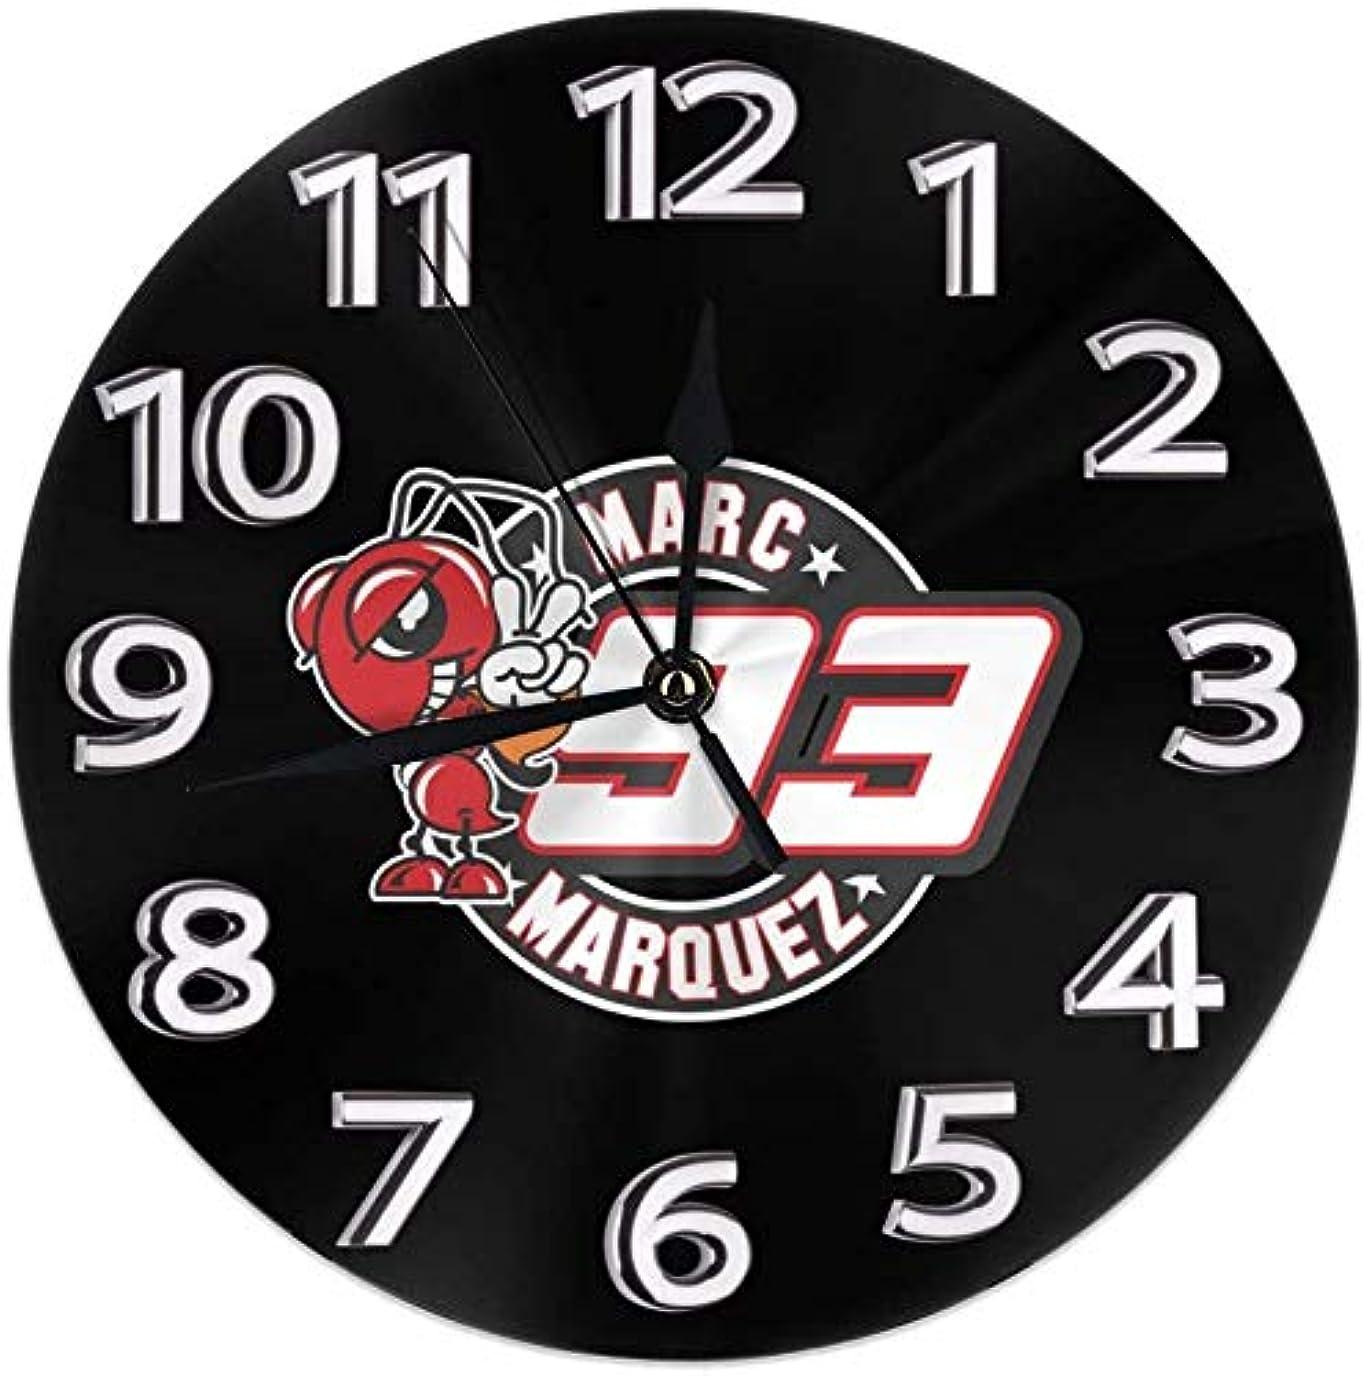 辞任パニック注文マルク?マルケス MotoGP バイク王 置き時計 シンプル デザイン 静音 非カチカチ音 円型 直径25 CM 家の装飾 現代の壁掛け時計